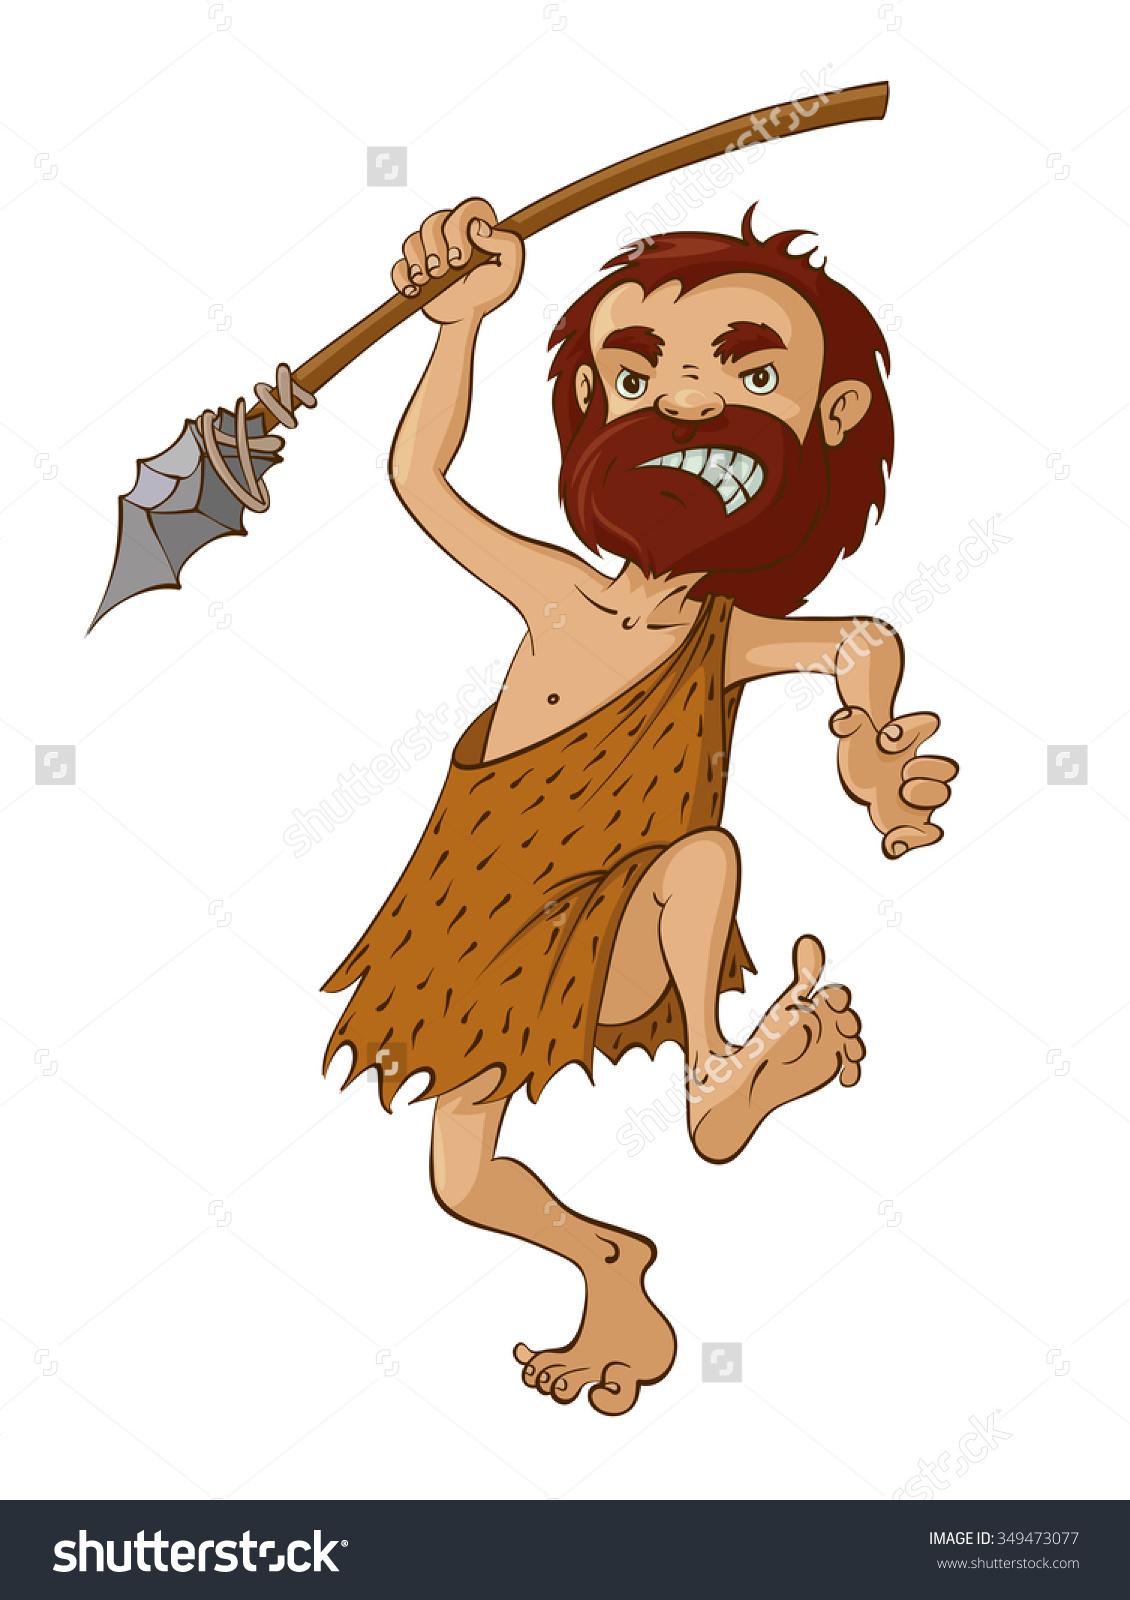 Cartoon Caveman Spear Vector Illustration Stock Vector 349473077.